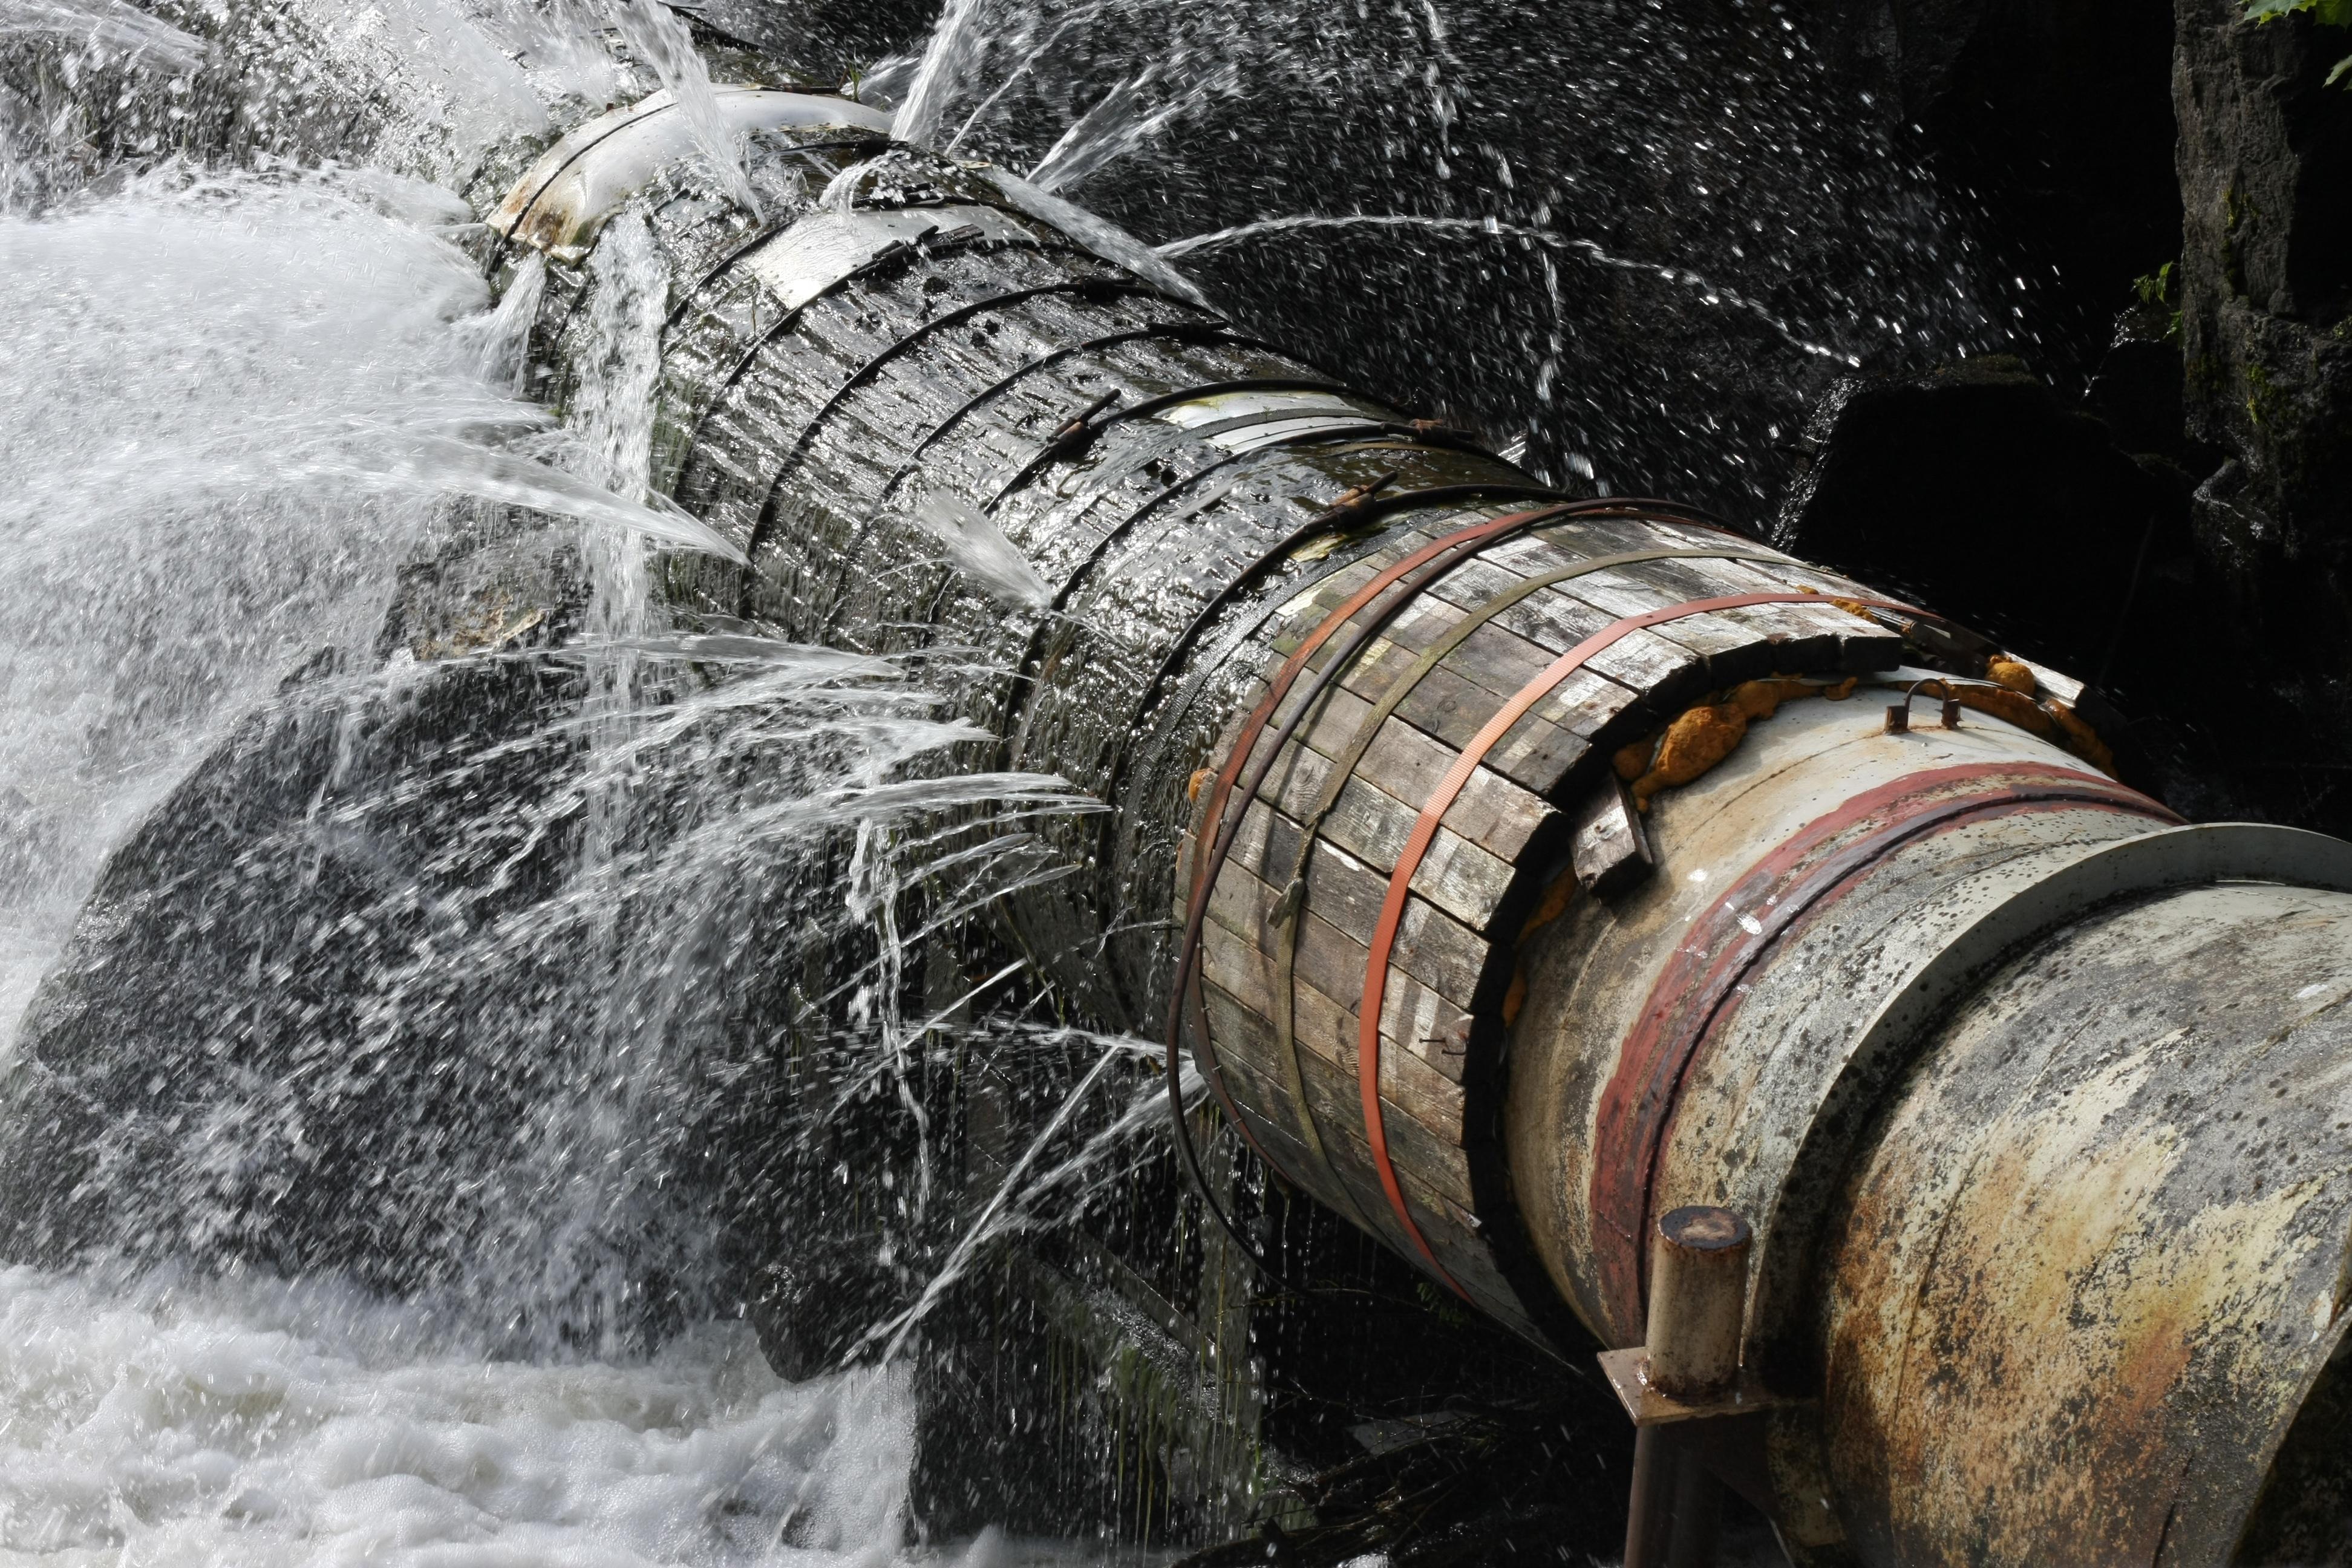 bigstock-Old-Leaking-Pipe-25153142.jpg